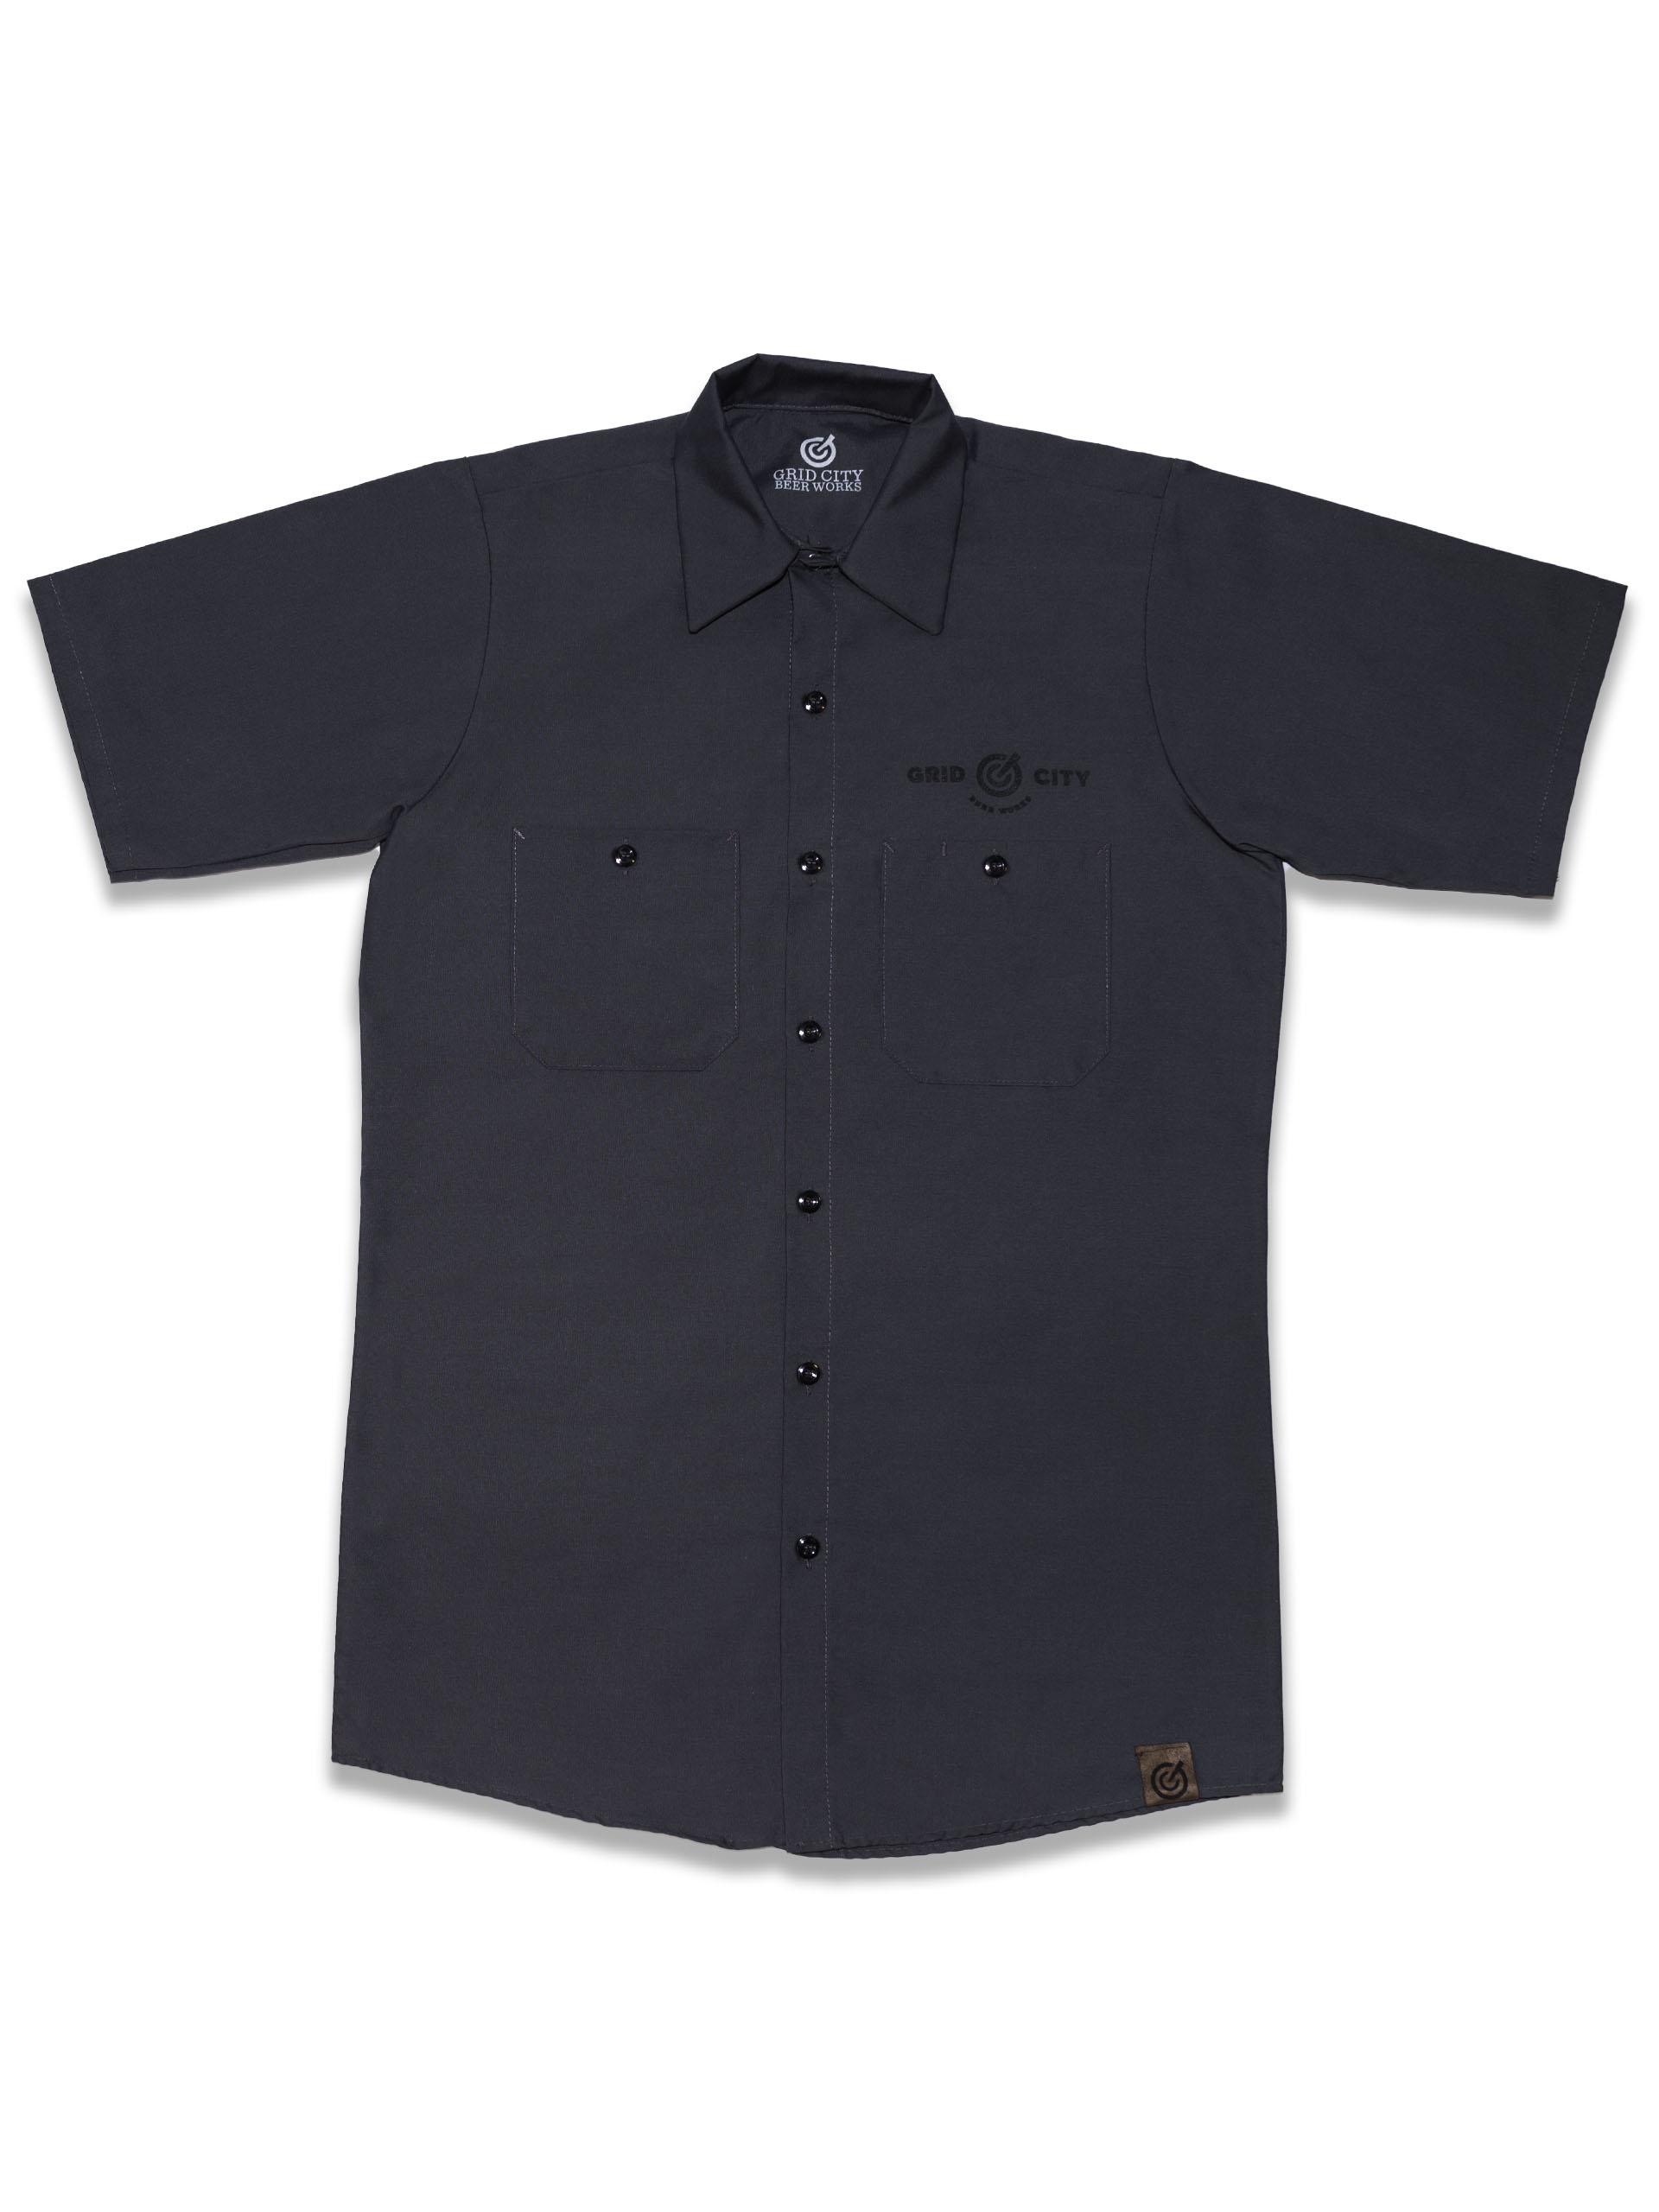 Grey GCBW Work Shirt